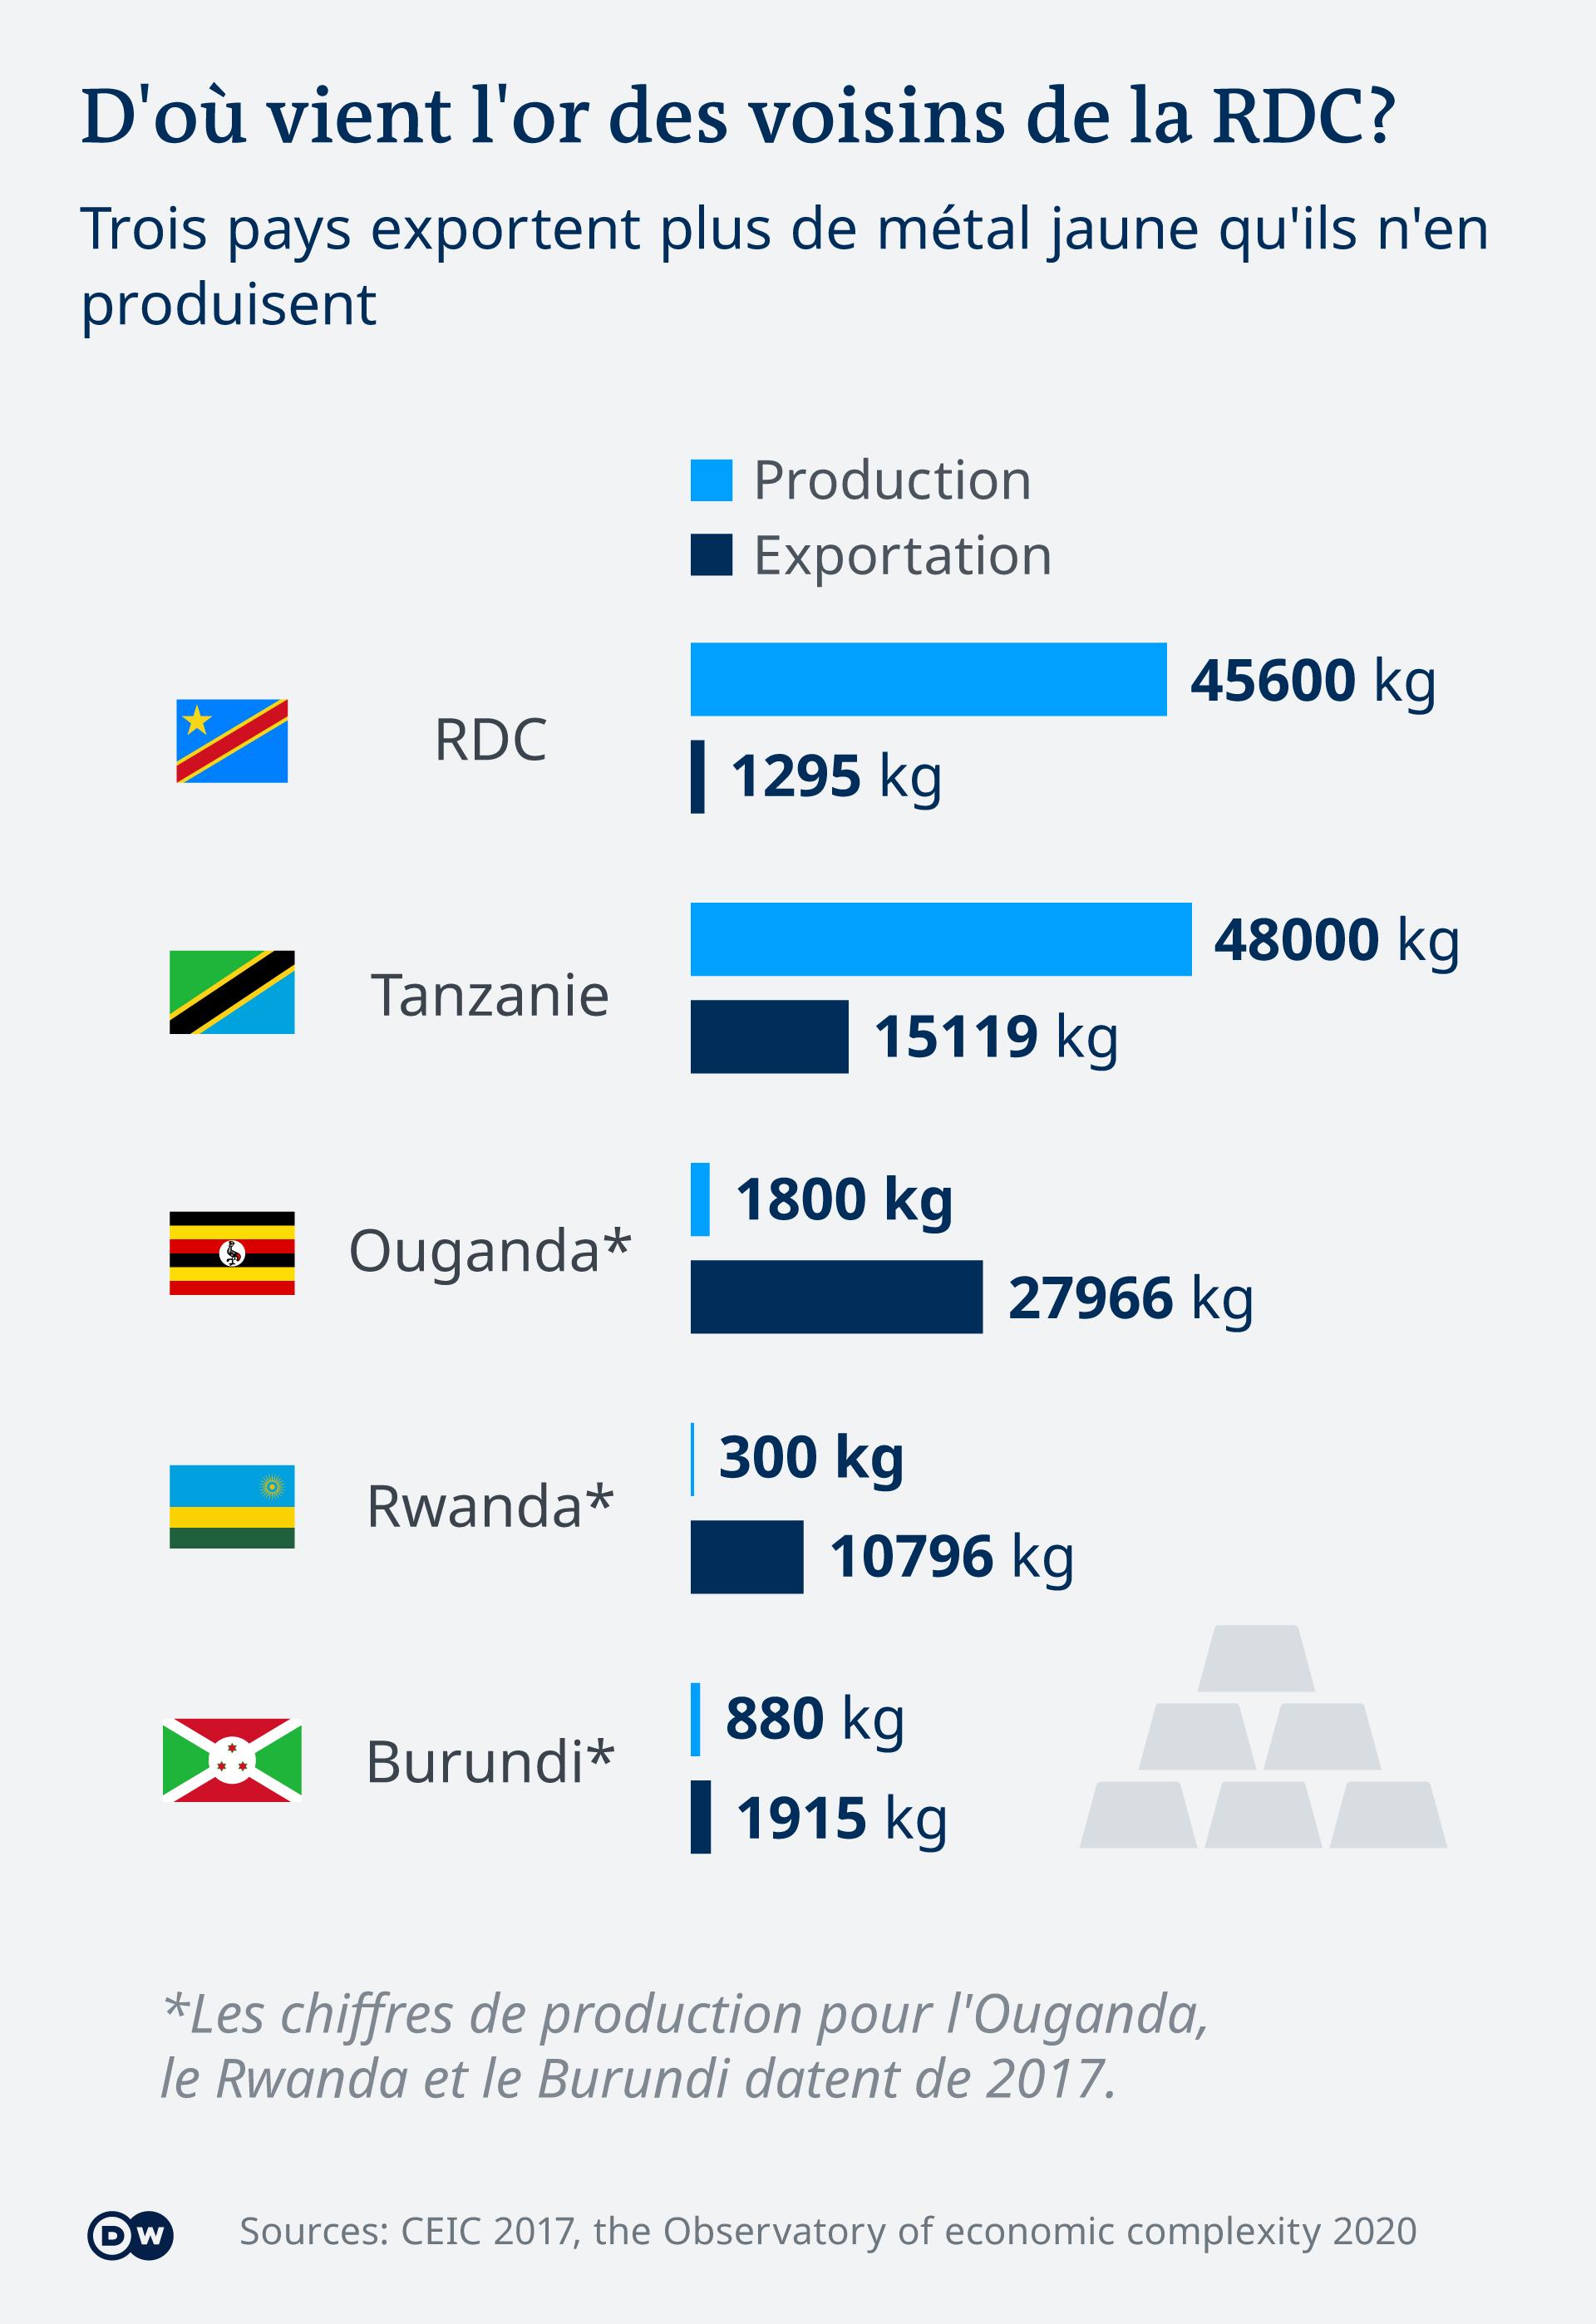 Le Rwanda, l'Ouganda et le Burundi exportent de l'or qui provient de RDC.